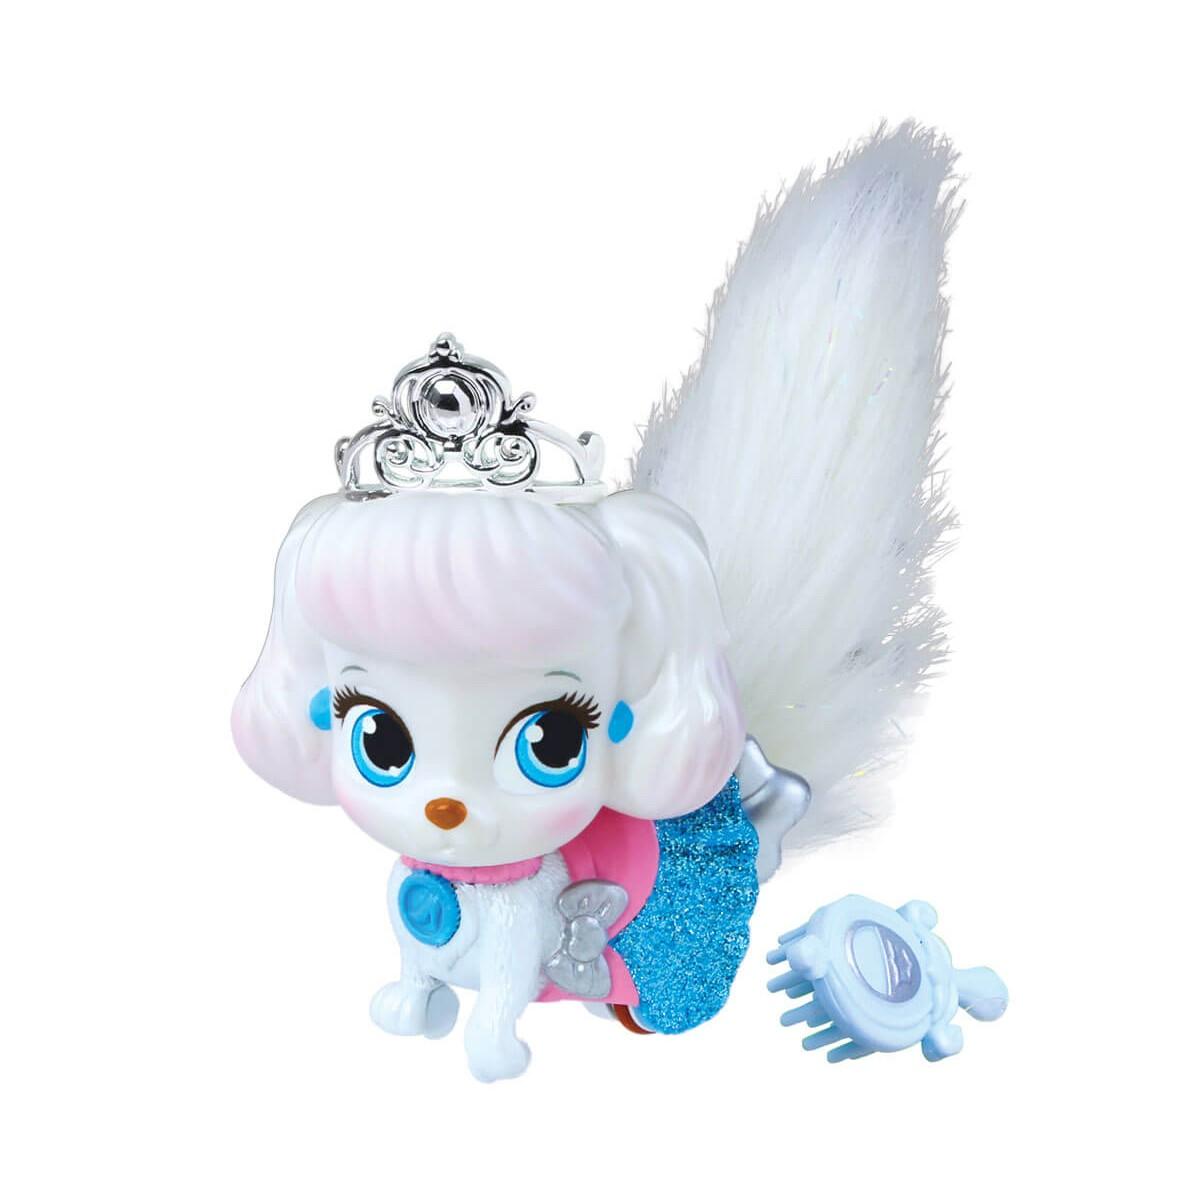 королевские питомцы игрушки картинки несведущих обьясняю что